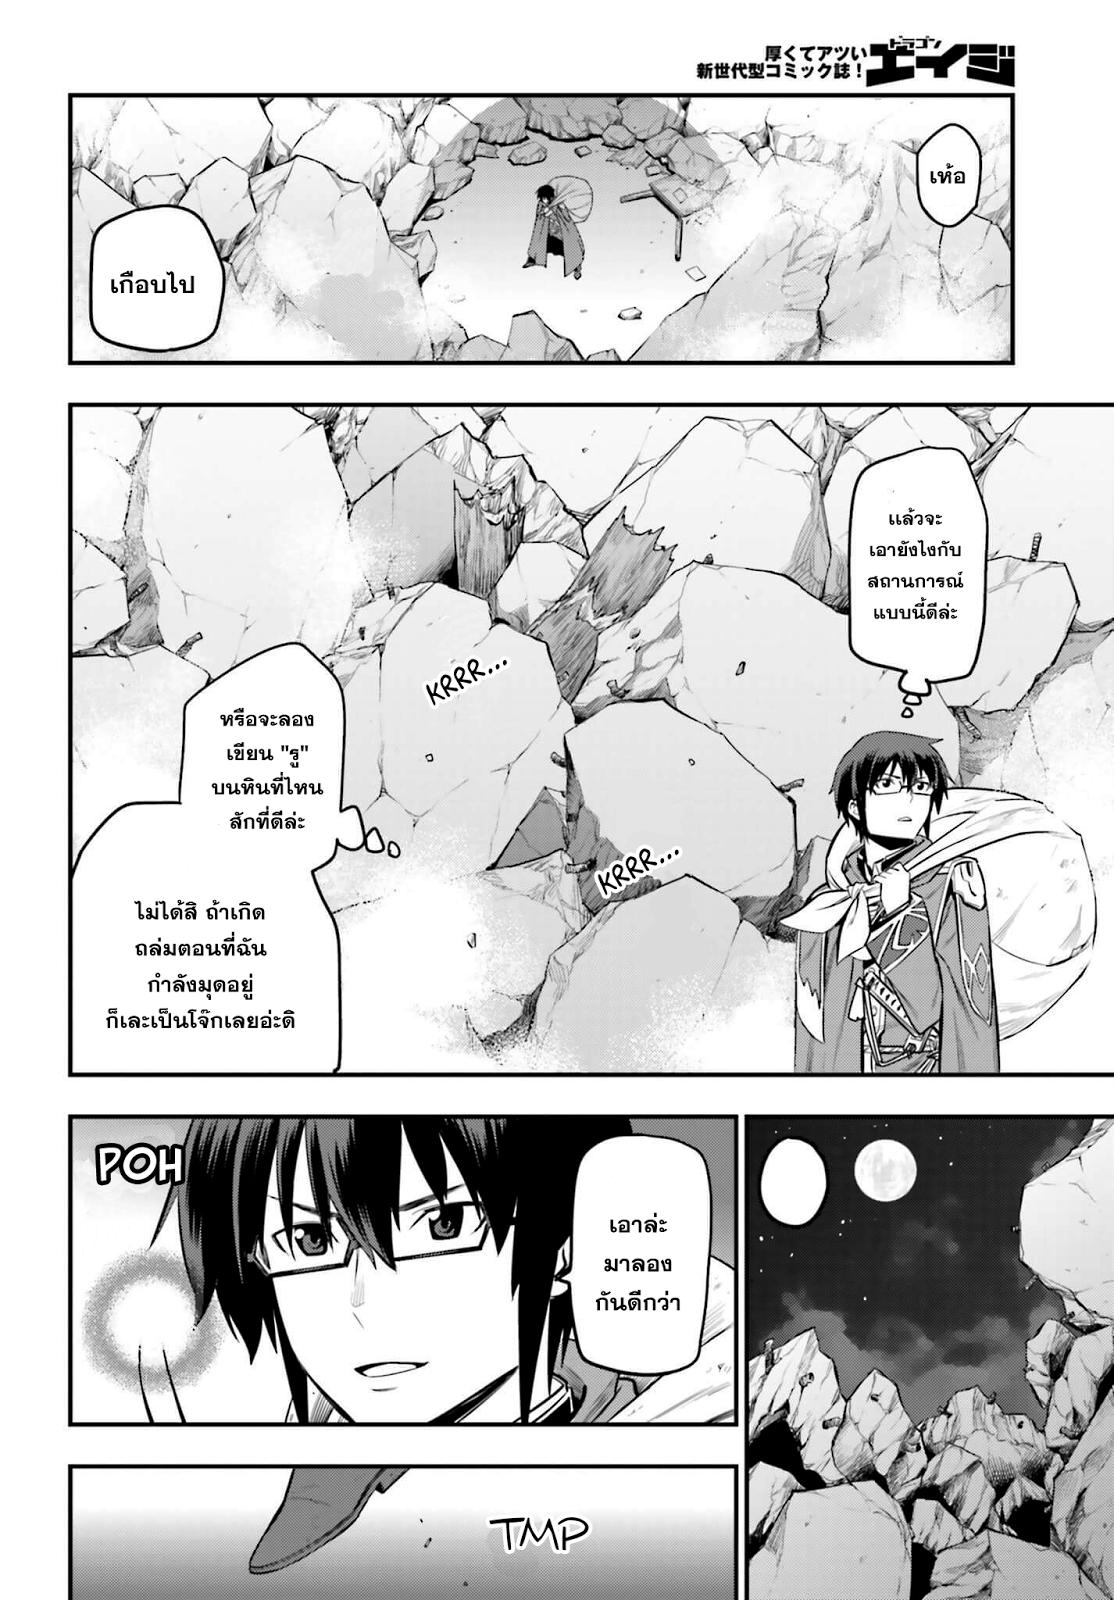 อ่านการ์ตูน Konjiki no Word Master 15 ภาพที่ 18